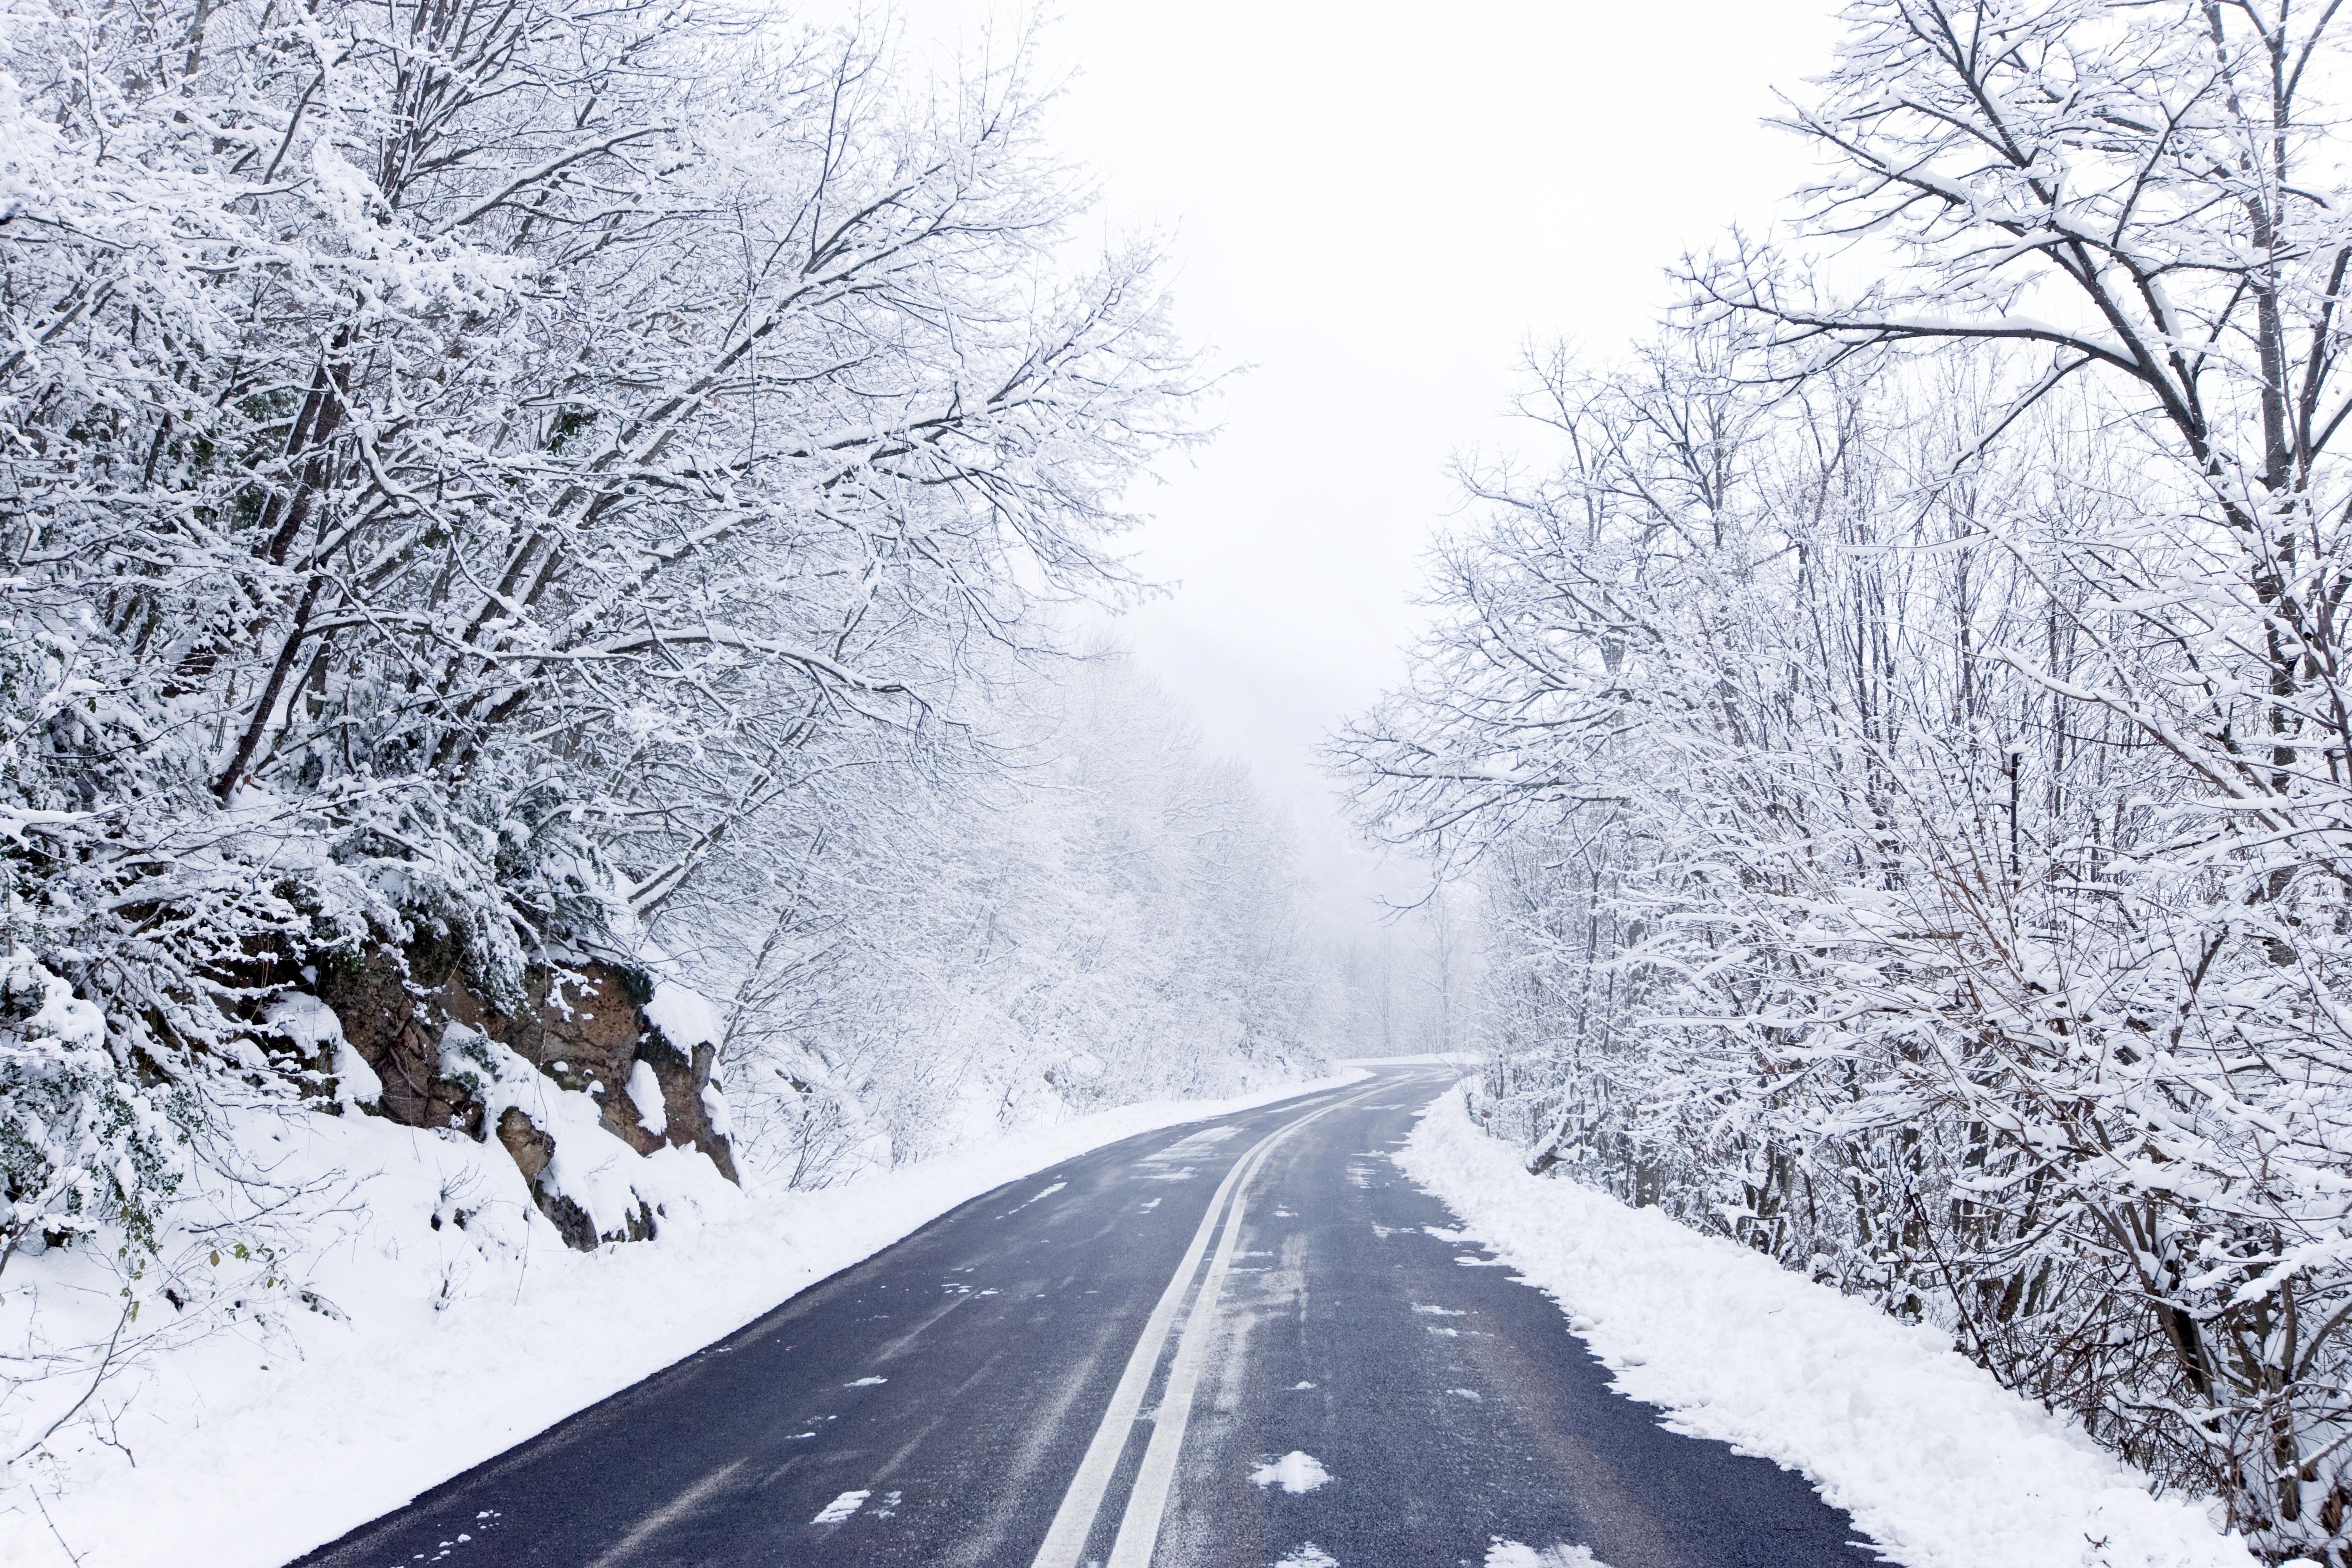 заснеженная дорога красивые фото некоторых это